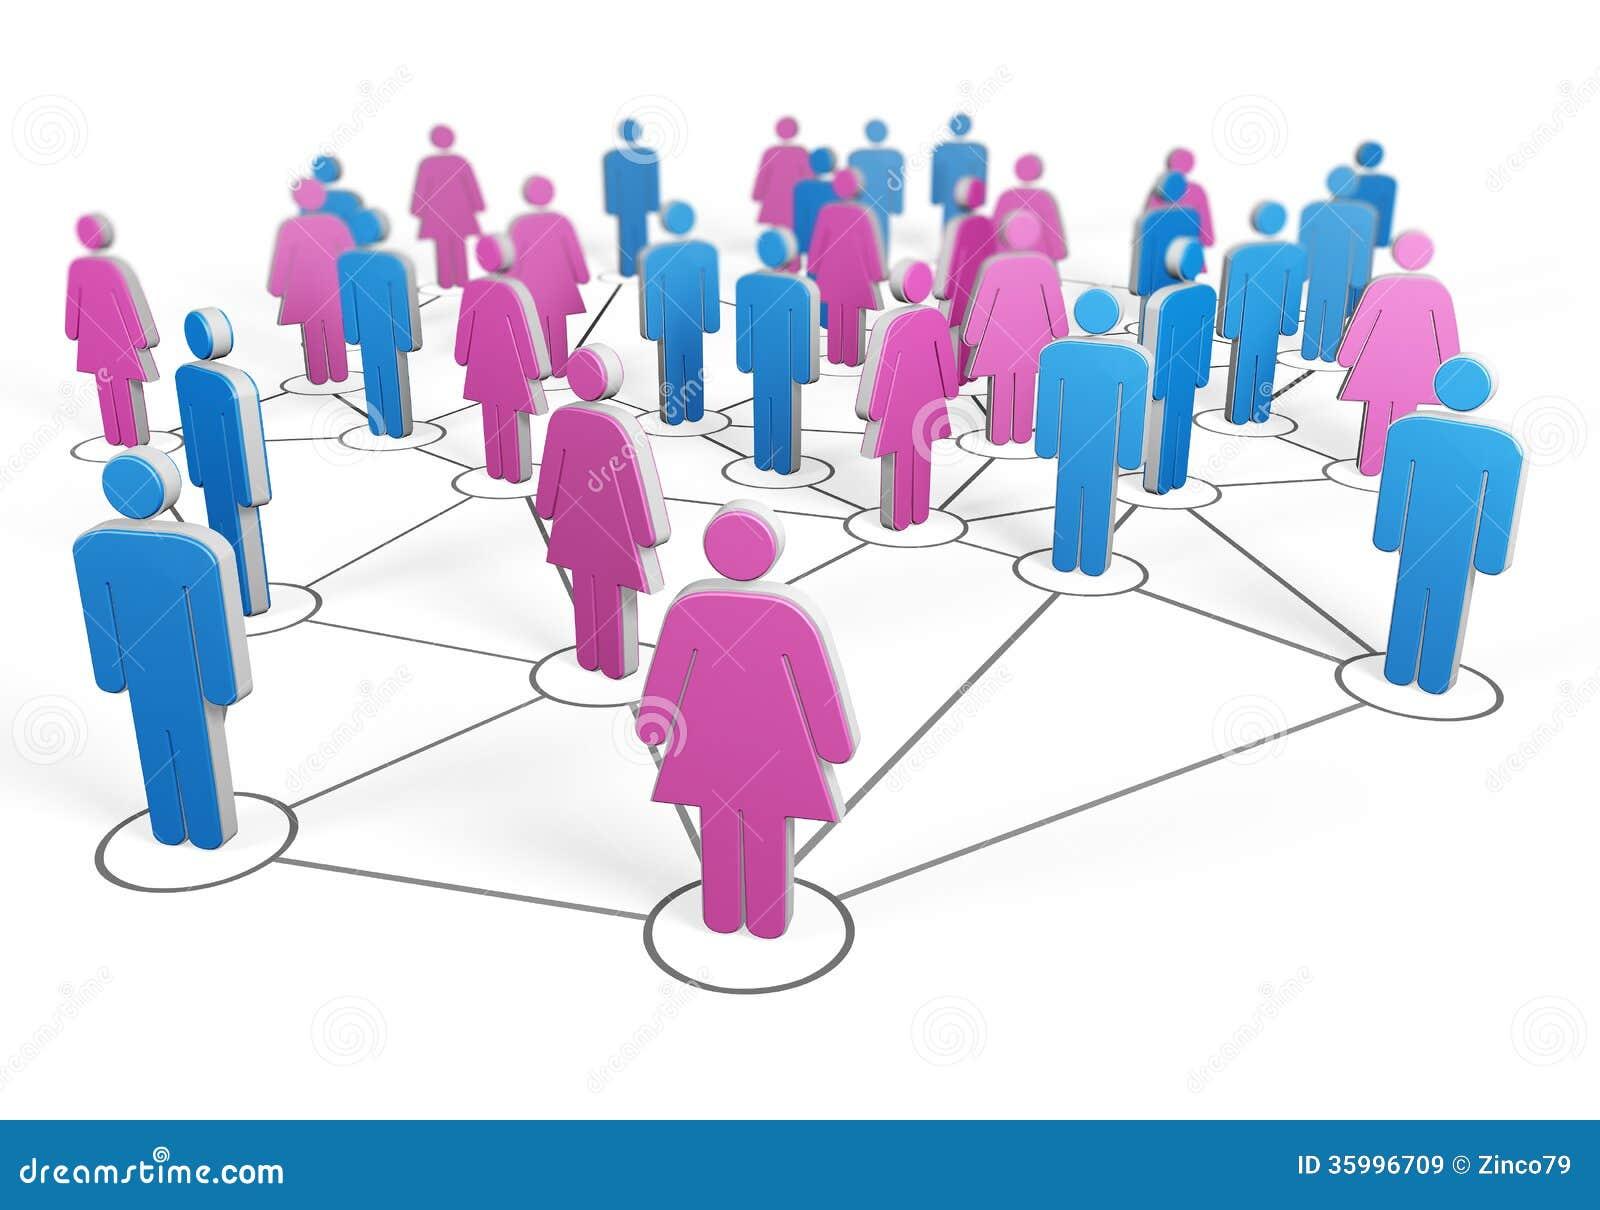 Silhouet van groep mannen en vrouwen die samen door draden worden verbonden